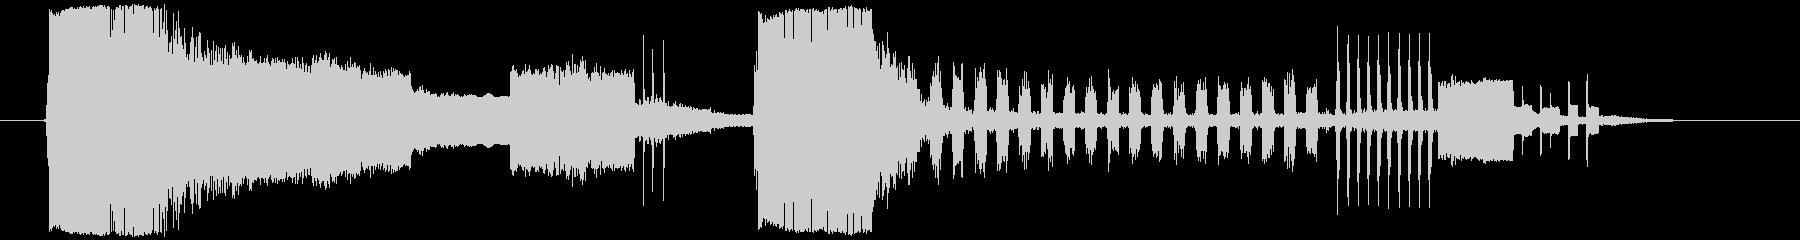 エレクト_ハイクオリティージングル_12の未再生の波形